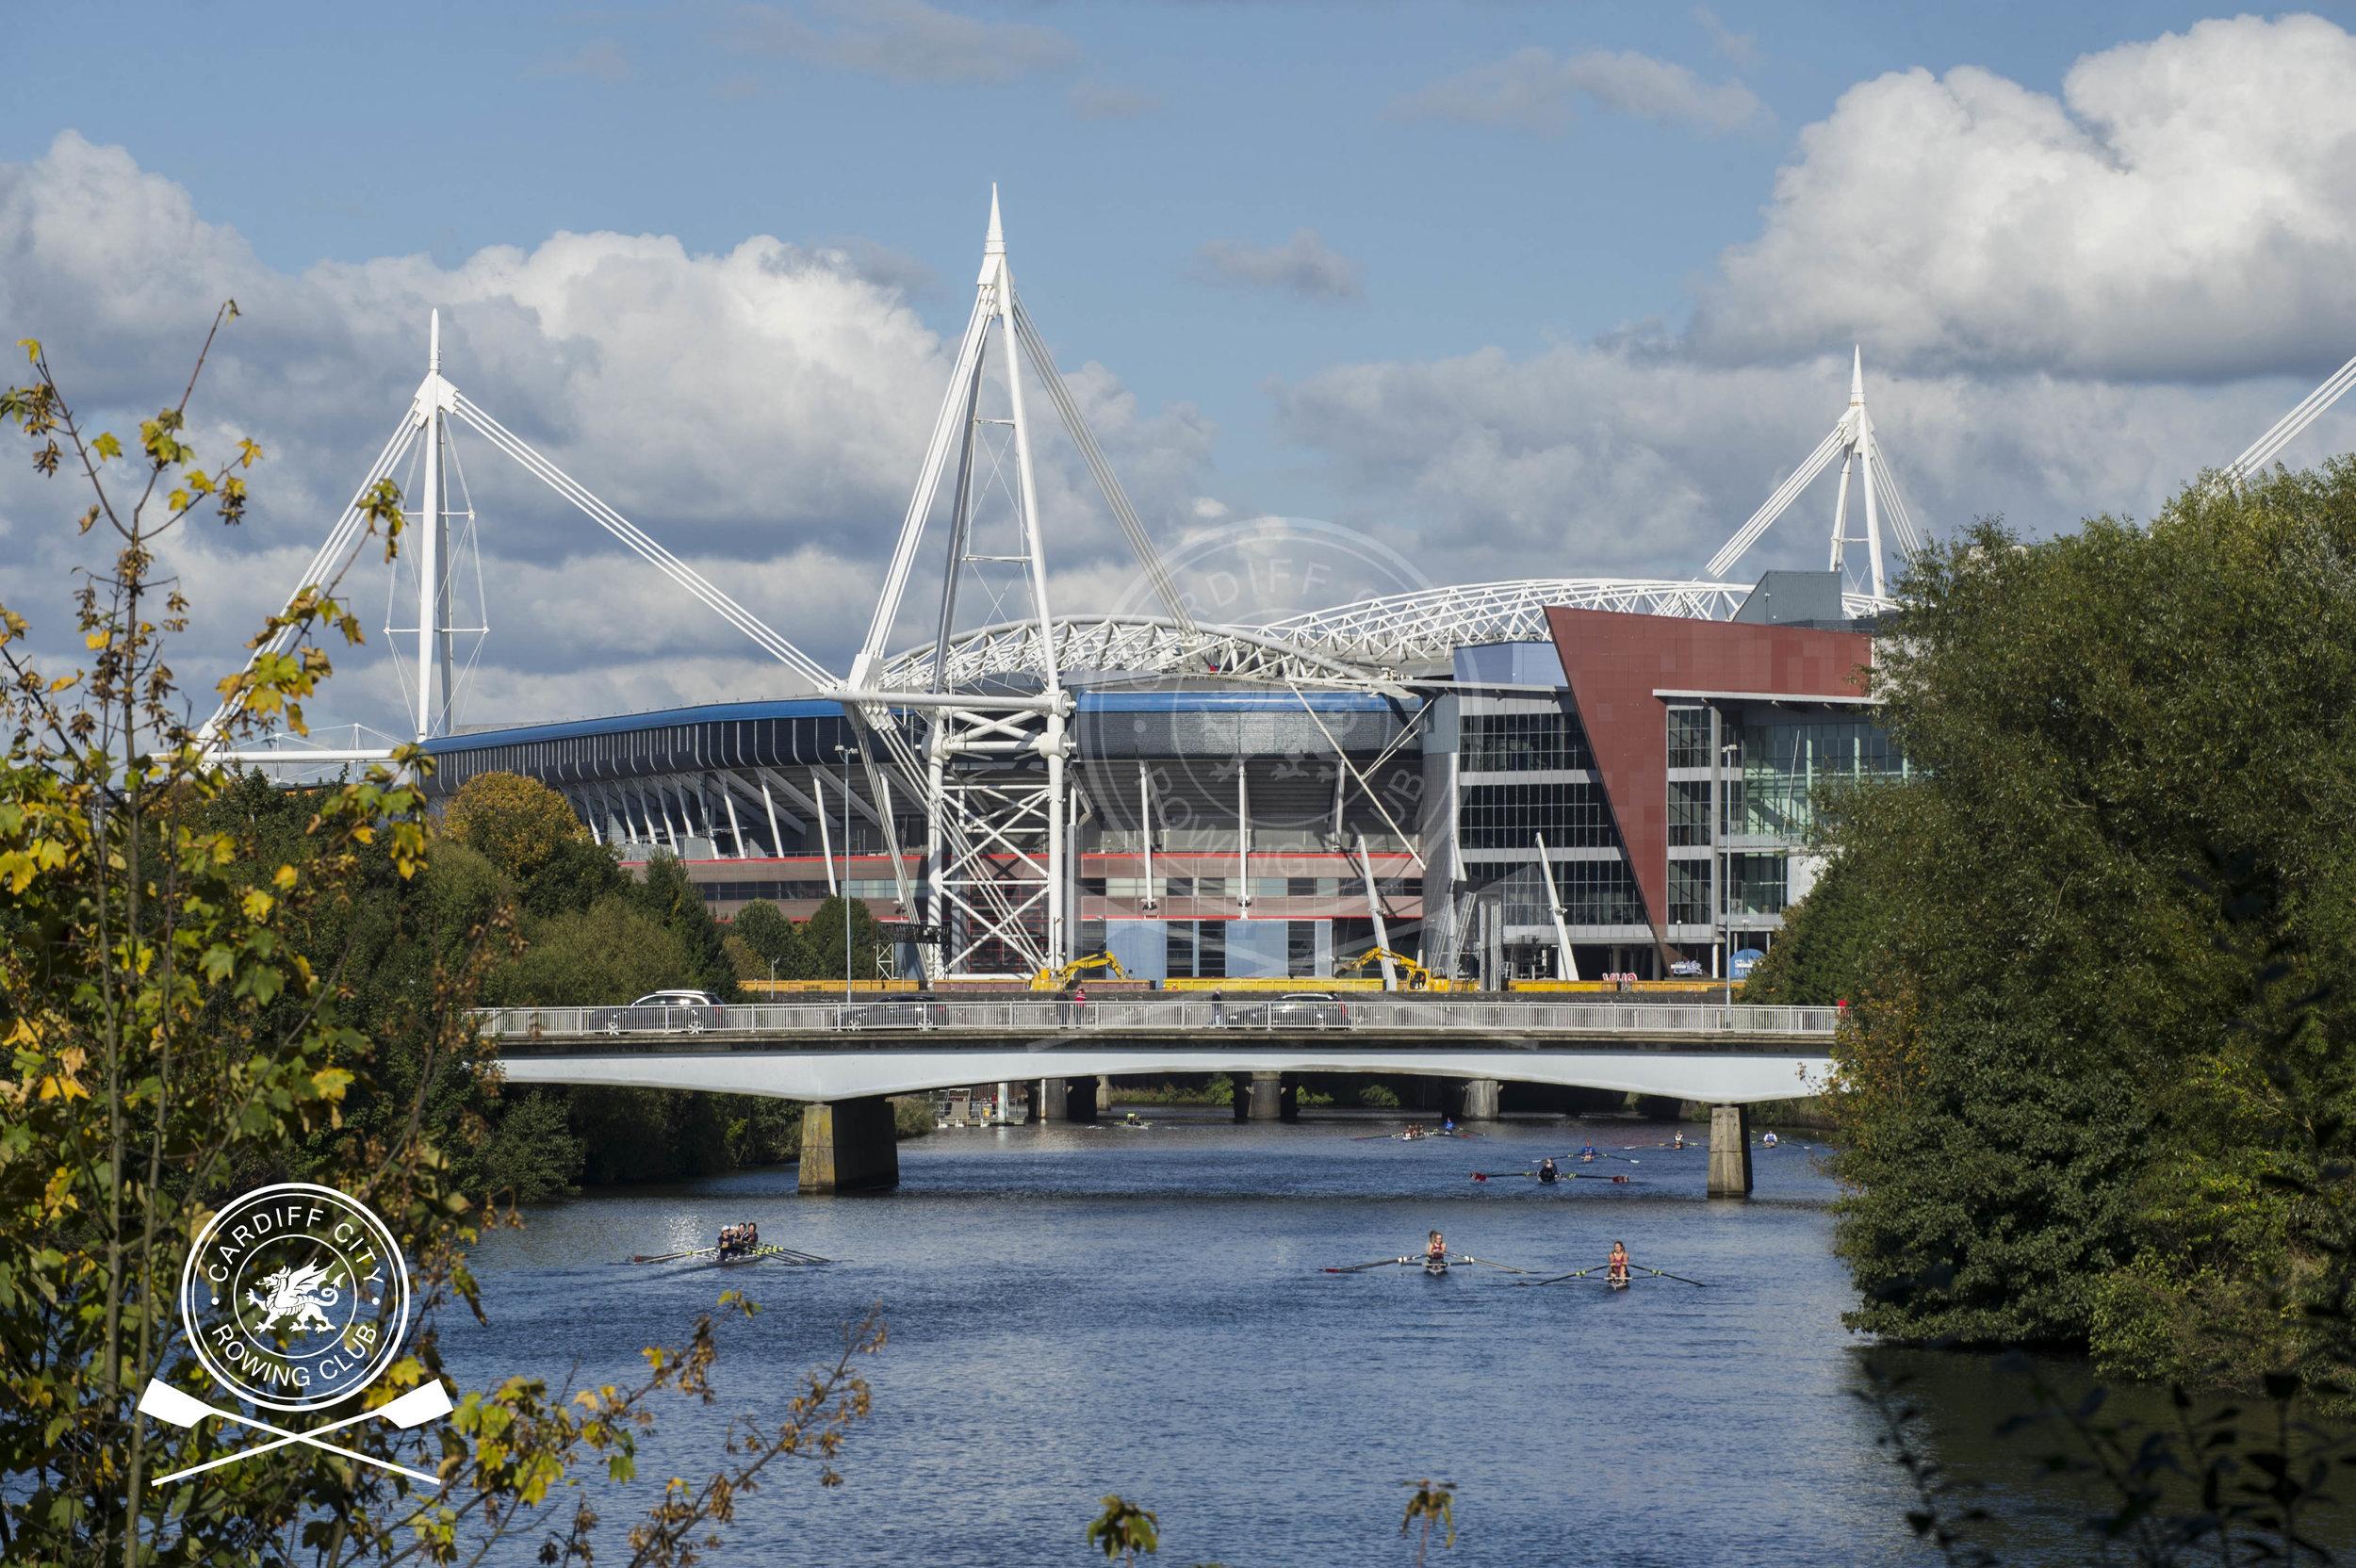 Cardiff_City_Head_Race_178.jpg